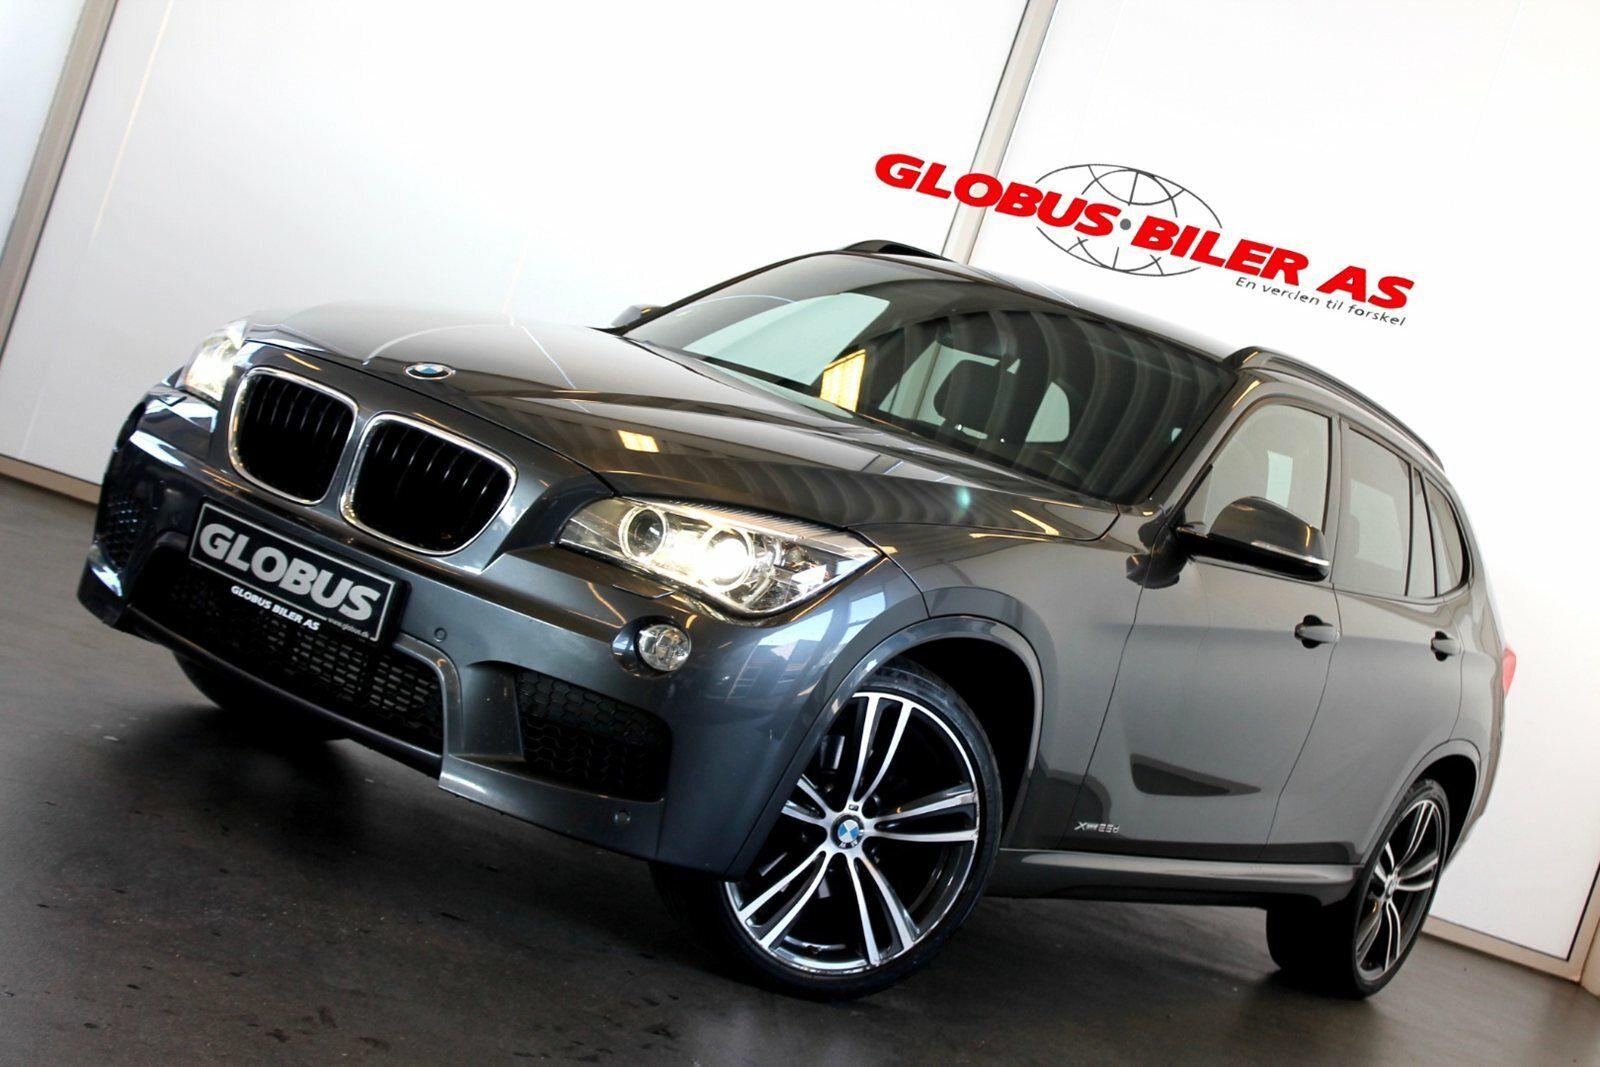 BMW X1 2,0 xDrive25d aut. 5d - 284.900 kr.